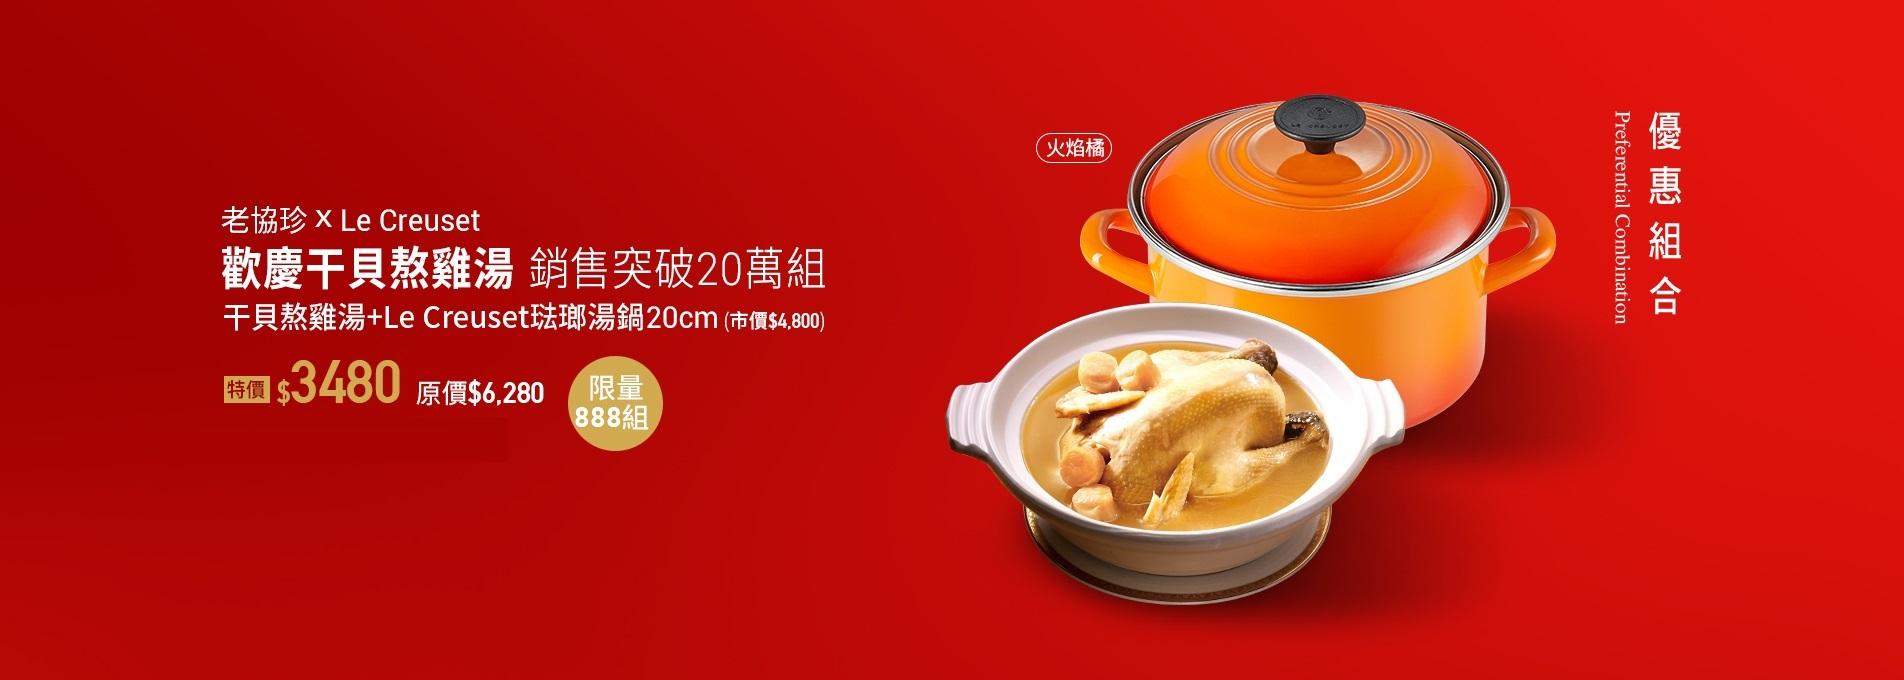 干貝熬雞湯+Le Creuset琺瑯湯鍋20cm(火焰橘)